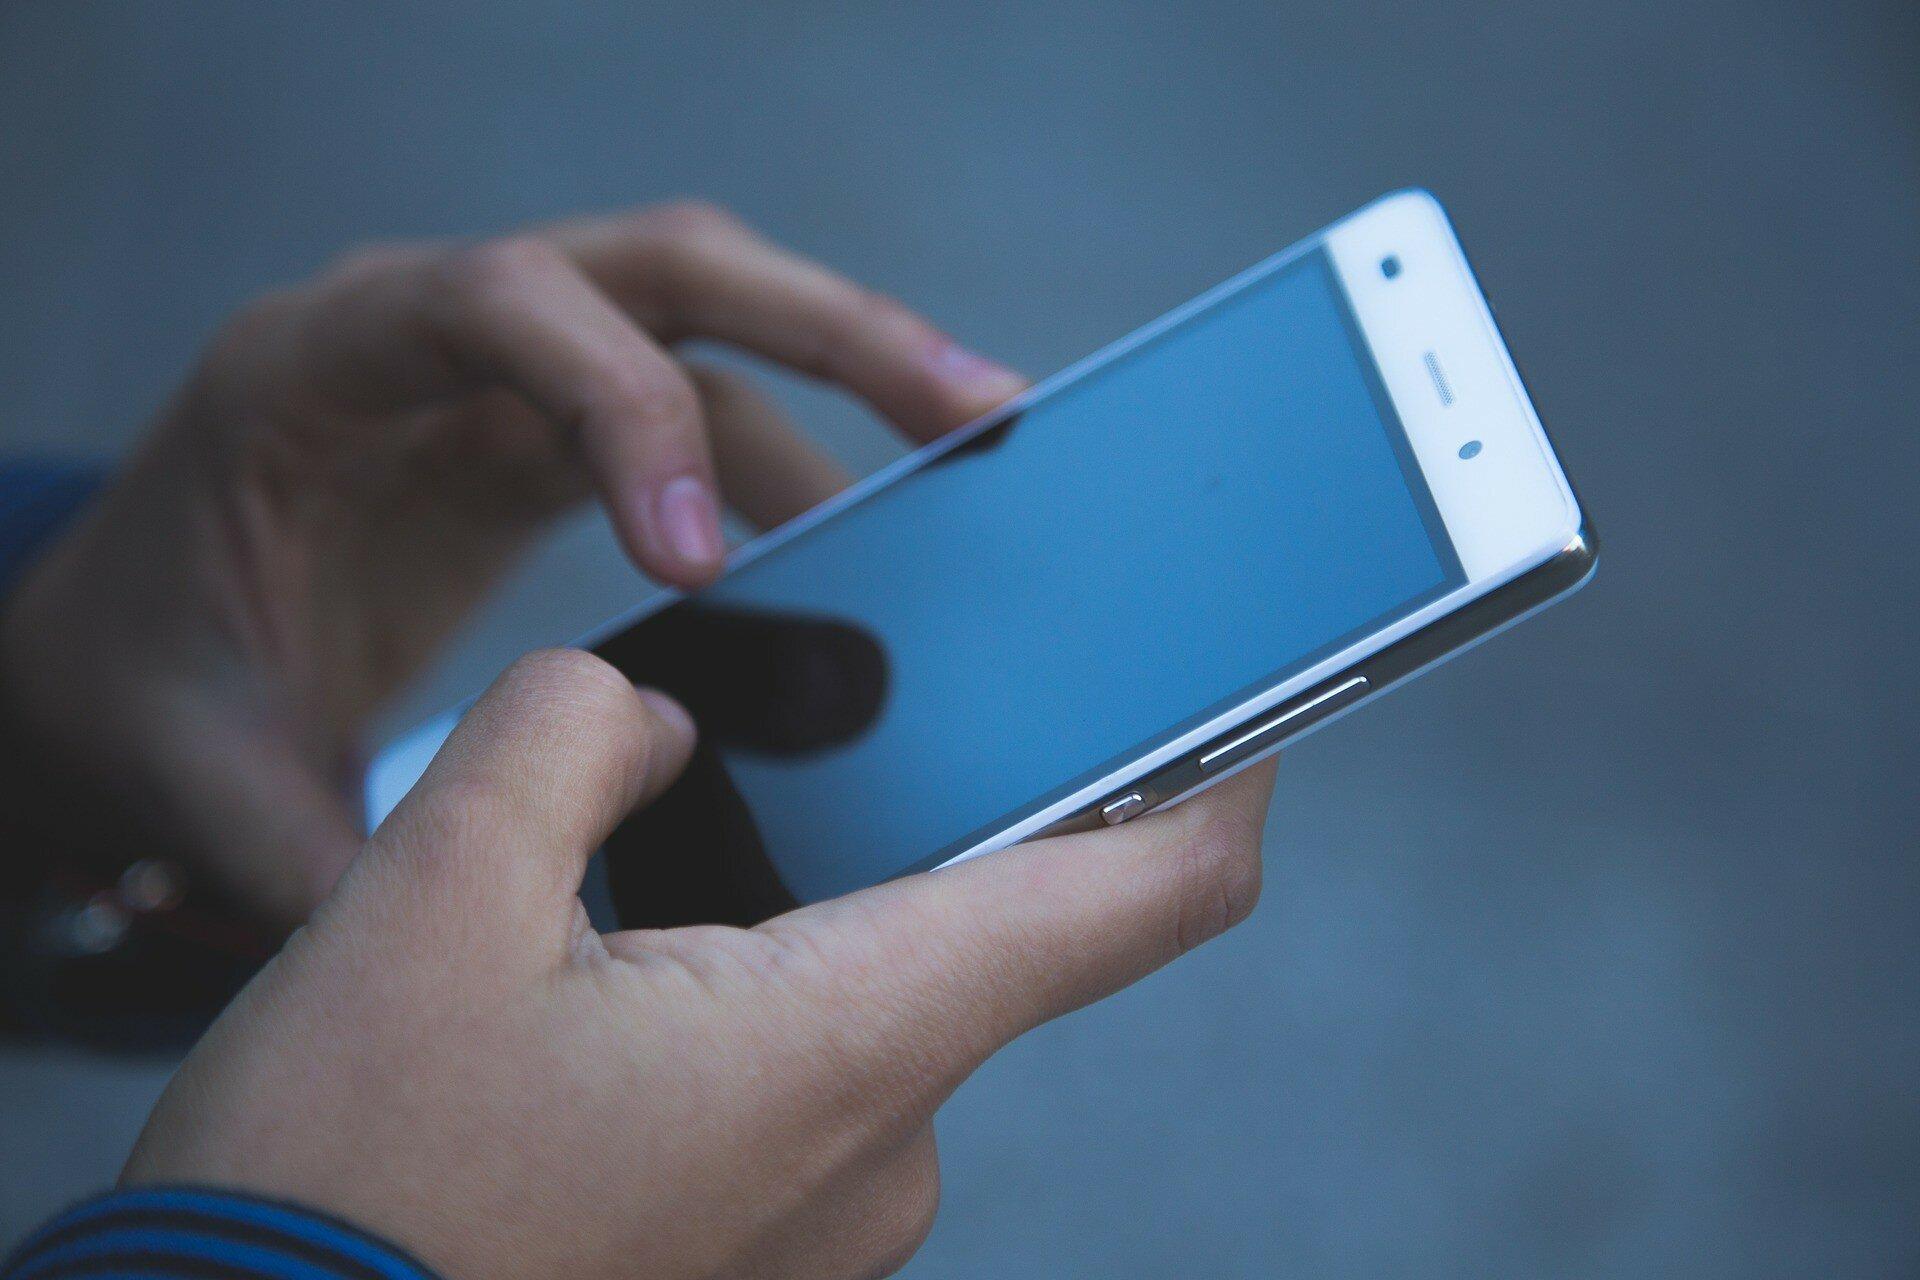 Хакеры устроили вредоносный апдейт смартфонов, взломав сервер производителя